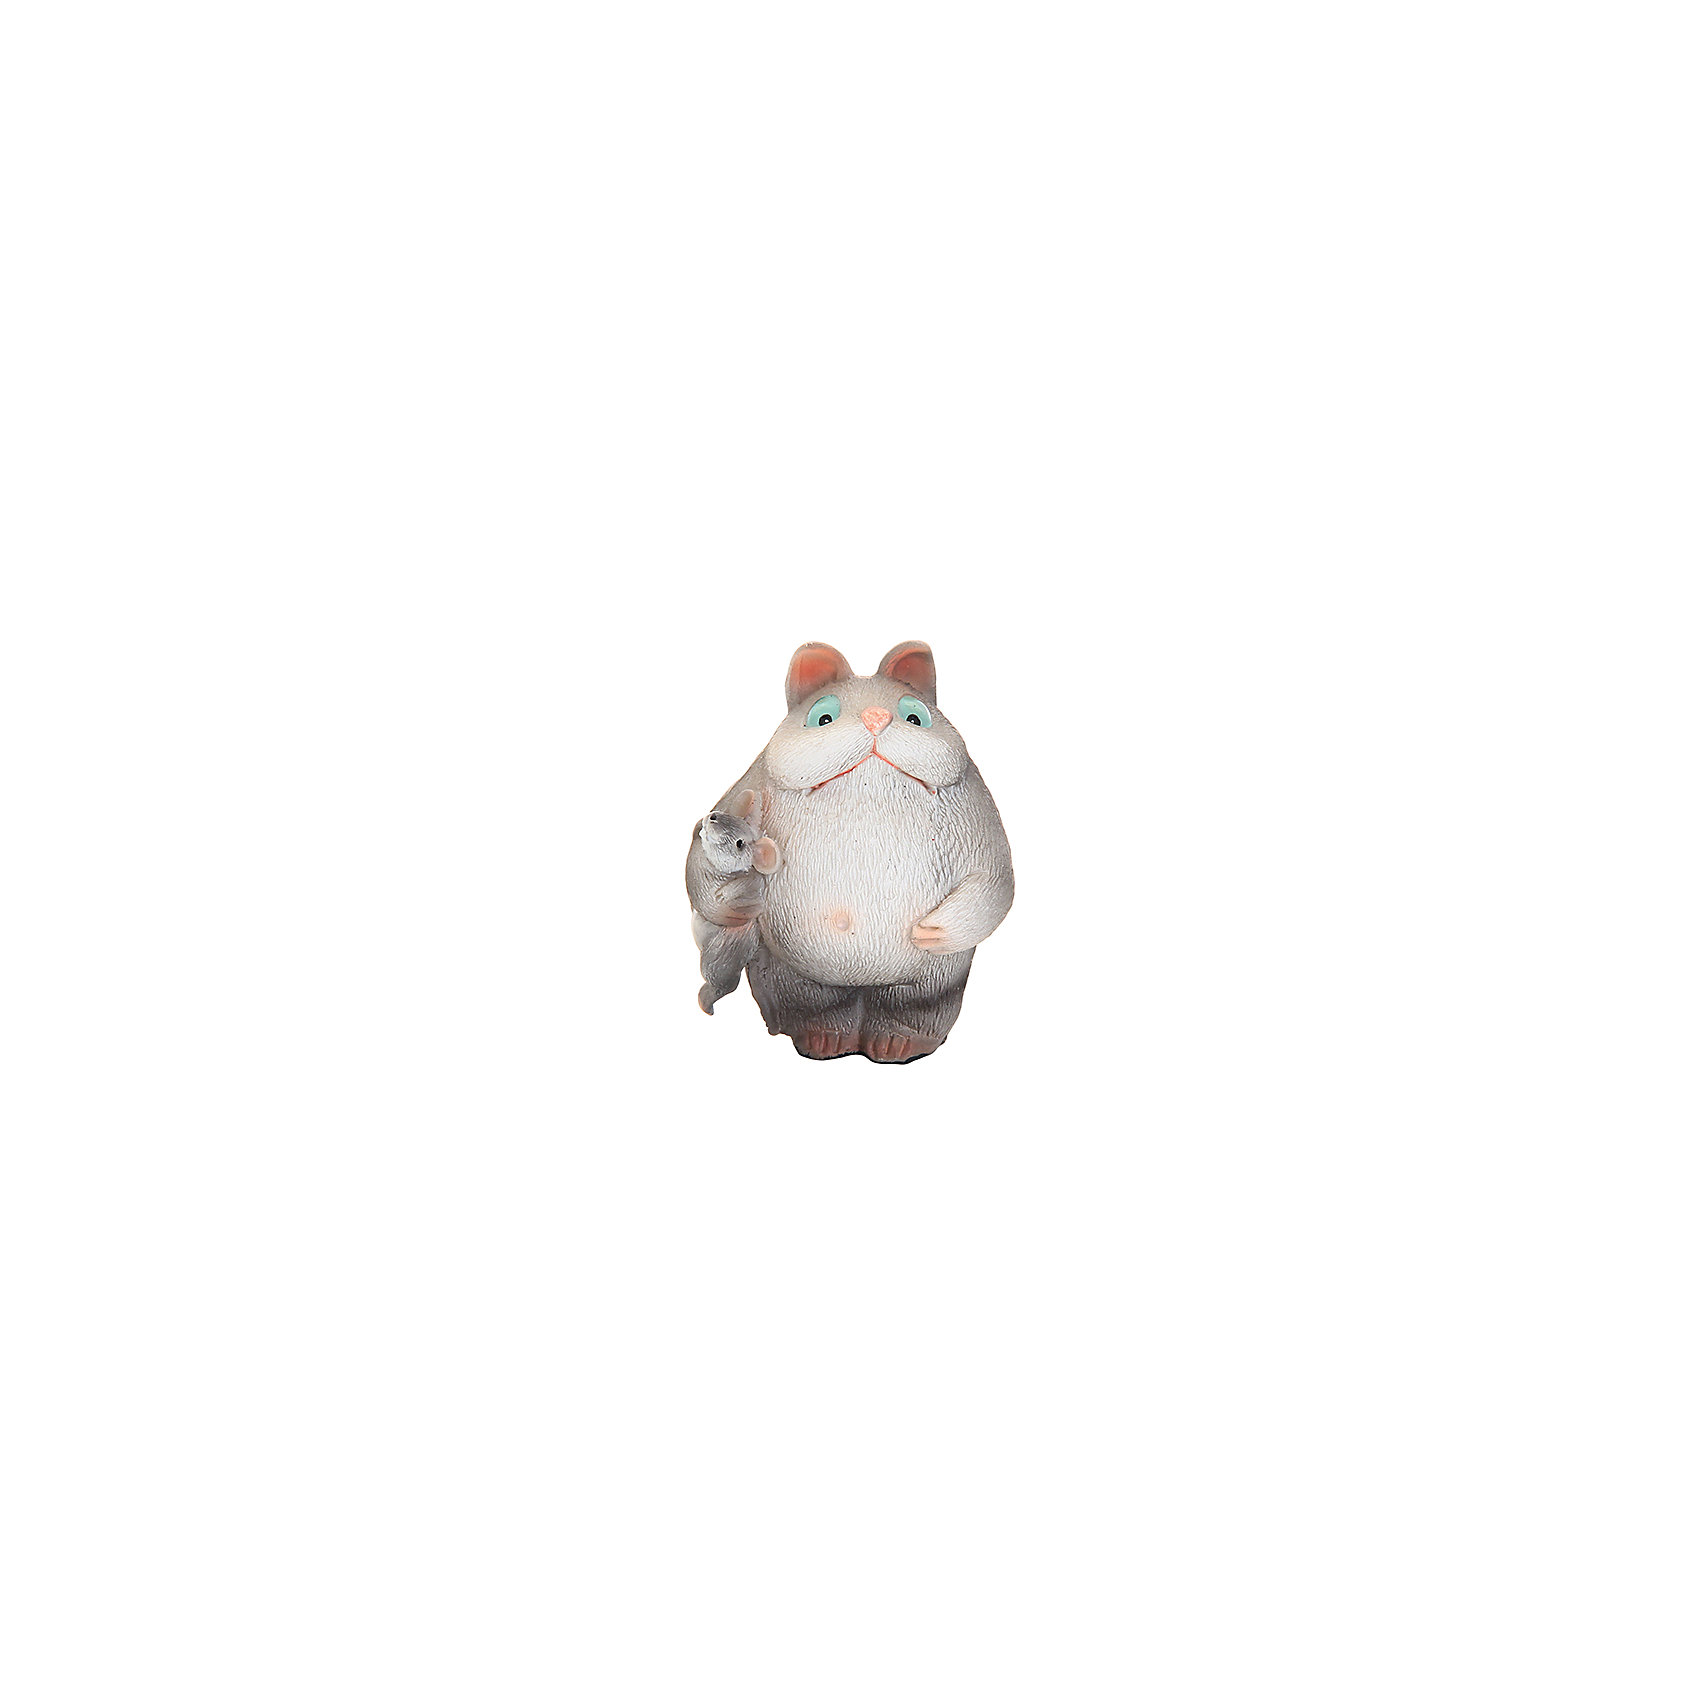 Фигурка декоративная Мышка в подмышке, Elan GalleryПредметы интерьера<br>Характеристики товара:<br><br>• цвет: мульти<br>• материал: полистоун<br>• высота: 6 см<br>• вес: 200 г<br>• подходит к любому интерьеру<br>• отлично проработаны детали<br>• универсальный размер<br>• страна бренда: Российская Федерация<br>• страна производства: Китай<br><br>Такая декоративная фигурка - отличный пример красивой вещи для любого интерьера. Благодаря универсальному дизайну и расцветке она хорошо будет смотреться в помещении.<br><br>Декоративная фигурка может стать отличным приобретением для дома или подарком для любителей симпатичных вещей, украшающих пространство.<br><br>Бренд Elan Gallery - это красивые и практичные товары для дома с современным дизайном. Они добавляют в жильё уюта и комфорта! <br><br>Фигурку декоративную Мышка в подмышке Elan Gallery можно купить в нашем интернет-магазине.<br><br>Ширина мм: 88<br>Глубина мм: 59<br>Высота мм: 69<br>Вес г: 208<br>Возраст от месяцев: 0<br>Возраст до месяцев: 1188<br>Пол: Унисекс<br>Возраст: Детский<br>SKU: 6668991